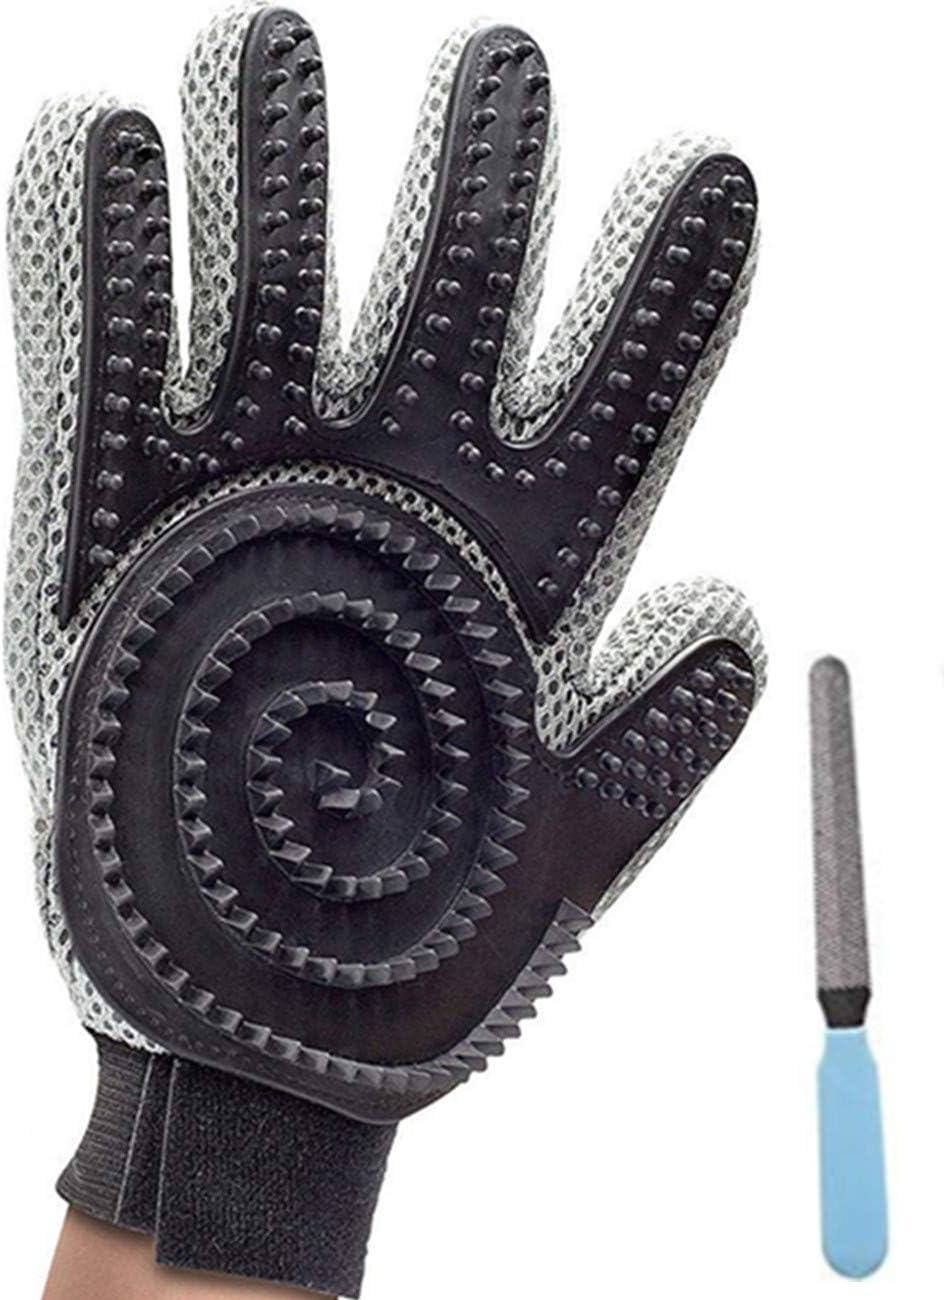 Guantes Manopla de perro de mascota Gato limpieza de baño cepillo guante Silicona True Touch para masaje suave y eficiente Grooming Groomer Eliminación de removedor de pelo Limpiar el guante (Negro)